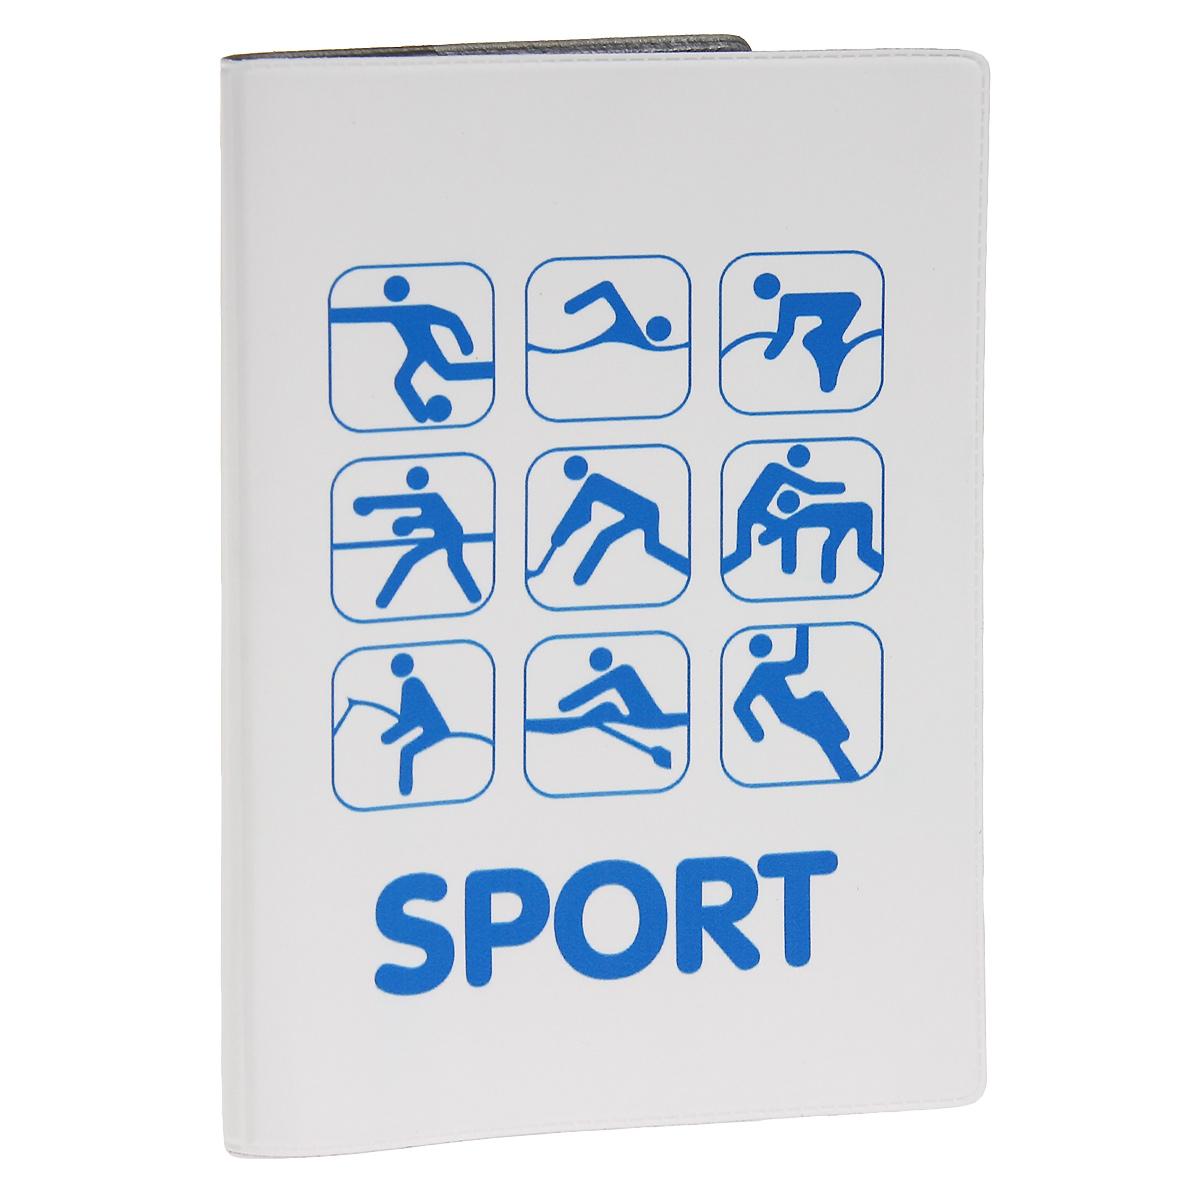 Обложка для автодокументов Sport. AUTOZAM286AUTOZAM286Обложка для автодокументов Mitya Veselkov Sport изготовлена из прочного ПВХ белого цвета и оформлена изображениями значков, каждый из которых олицетворяет один из видов спорта. На внутреннем развороте имеются съемный блок из шести прозрачных файлов из мягкого пластика для водительских документов, один из которых формата А5, а также два боковых кармашка для визиток или банковских карт. Стильная обложка не только поможет сохранить внешний вид ваших документов и защитит их от грязи и пыли, но и станет аксессуаром, который подчеркнет вашу яркую индивидуальность.